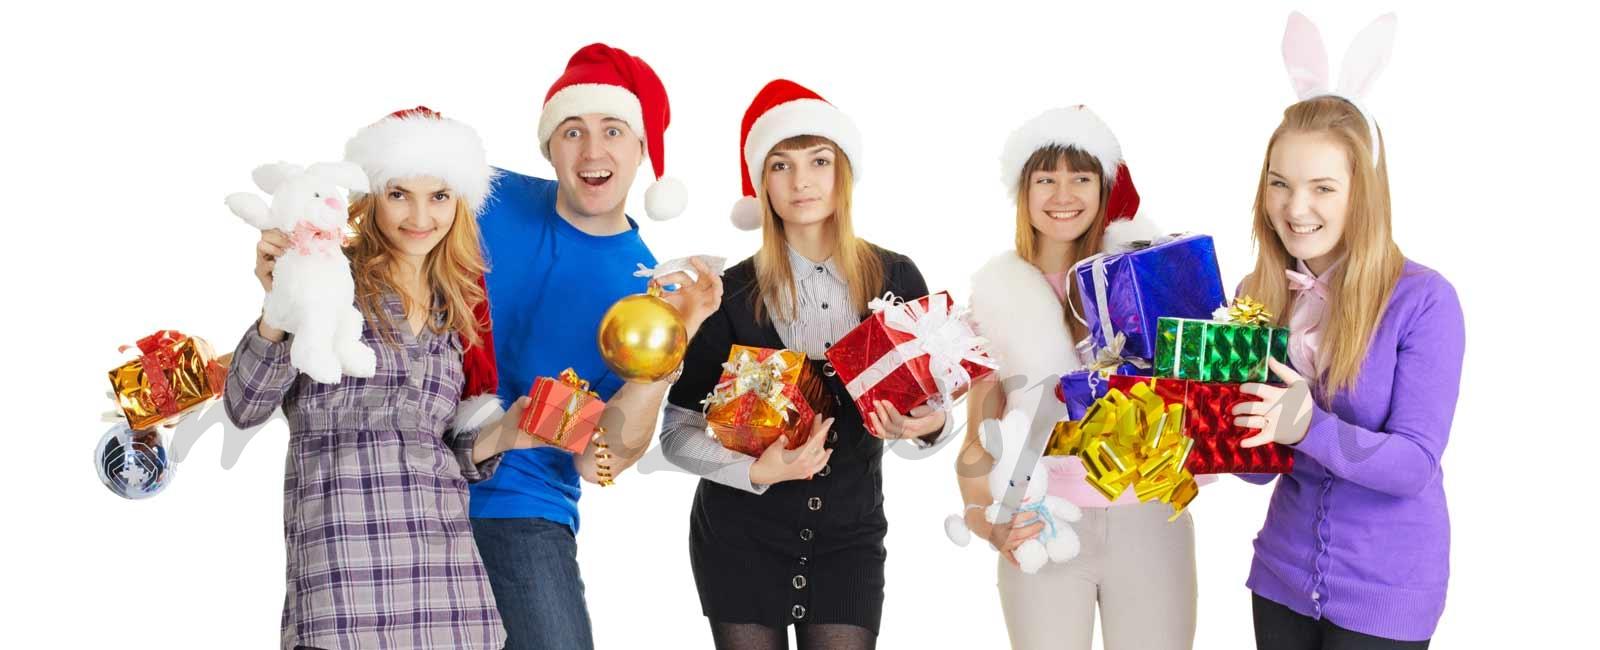 Diferentes maneras de divertirse en Navidad